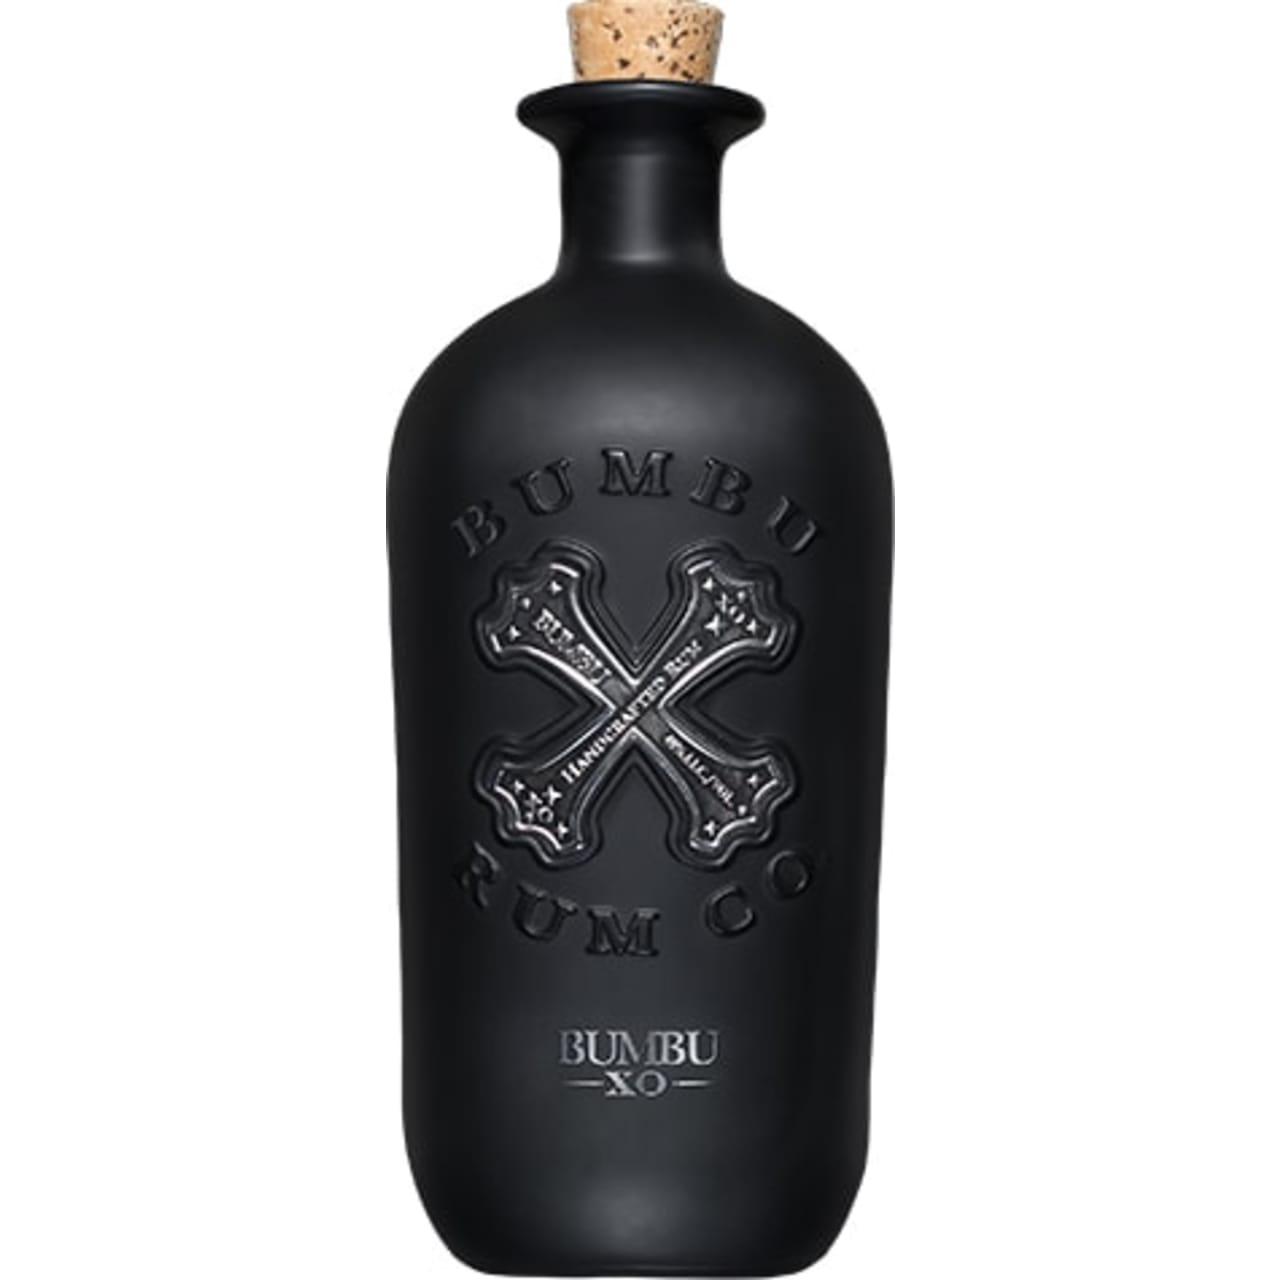 Product Image - Bumbu XO Rum